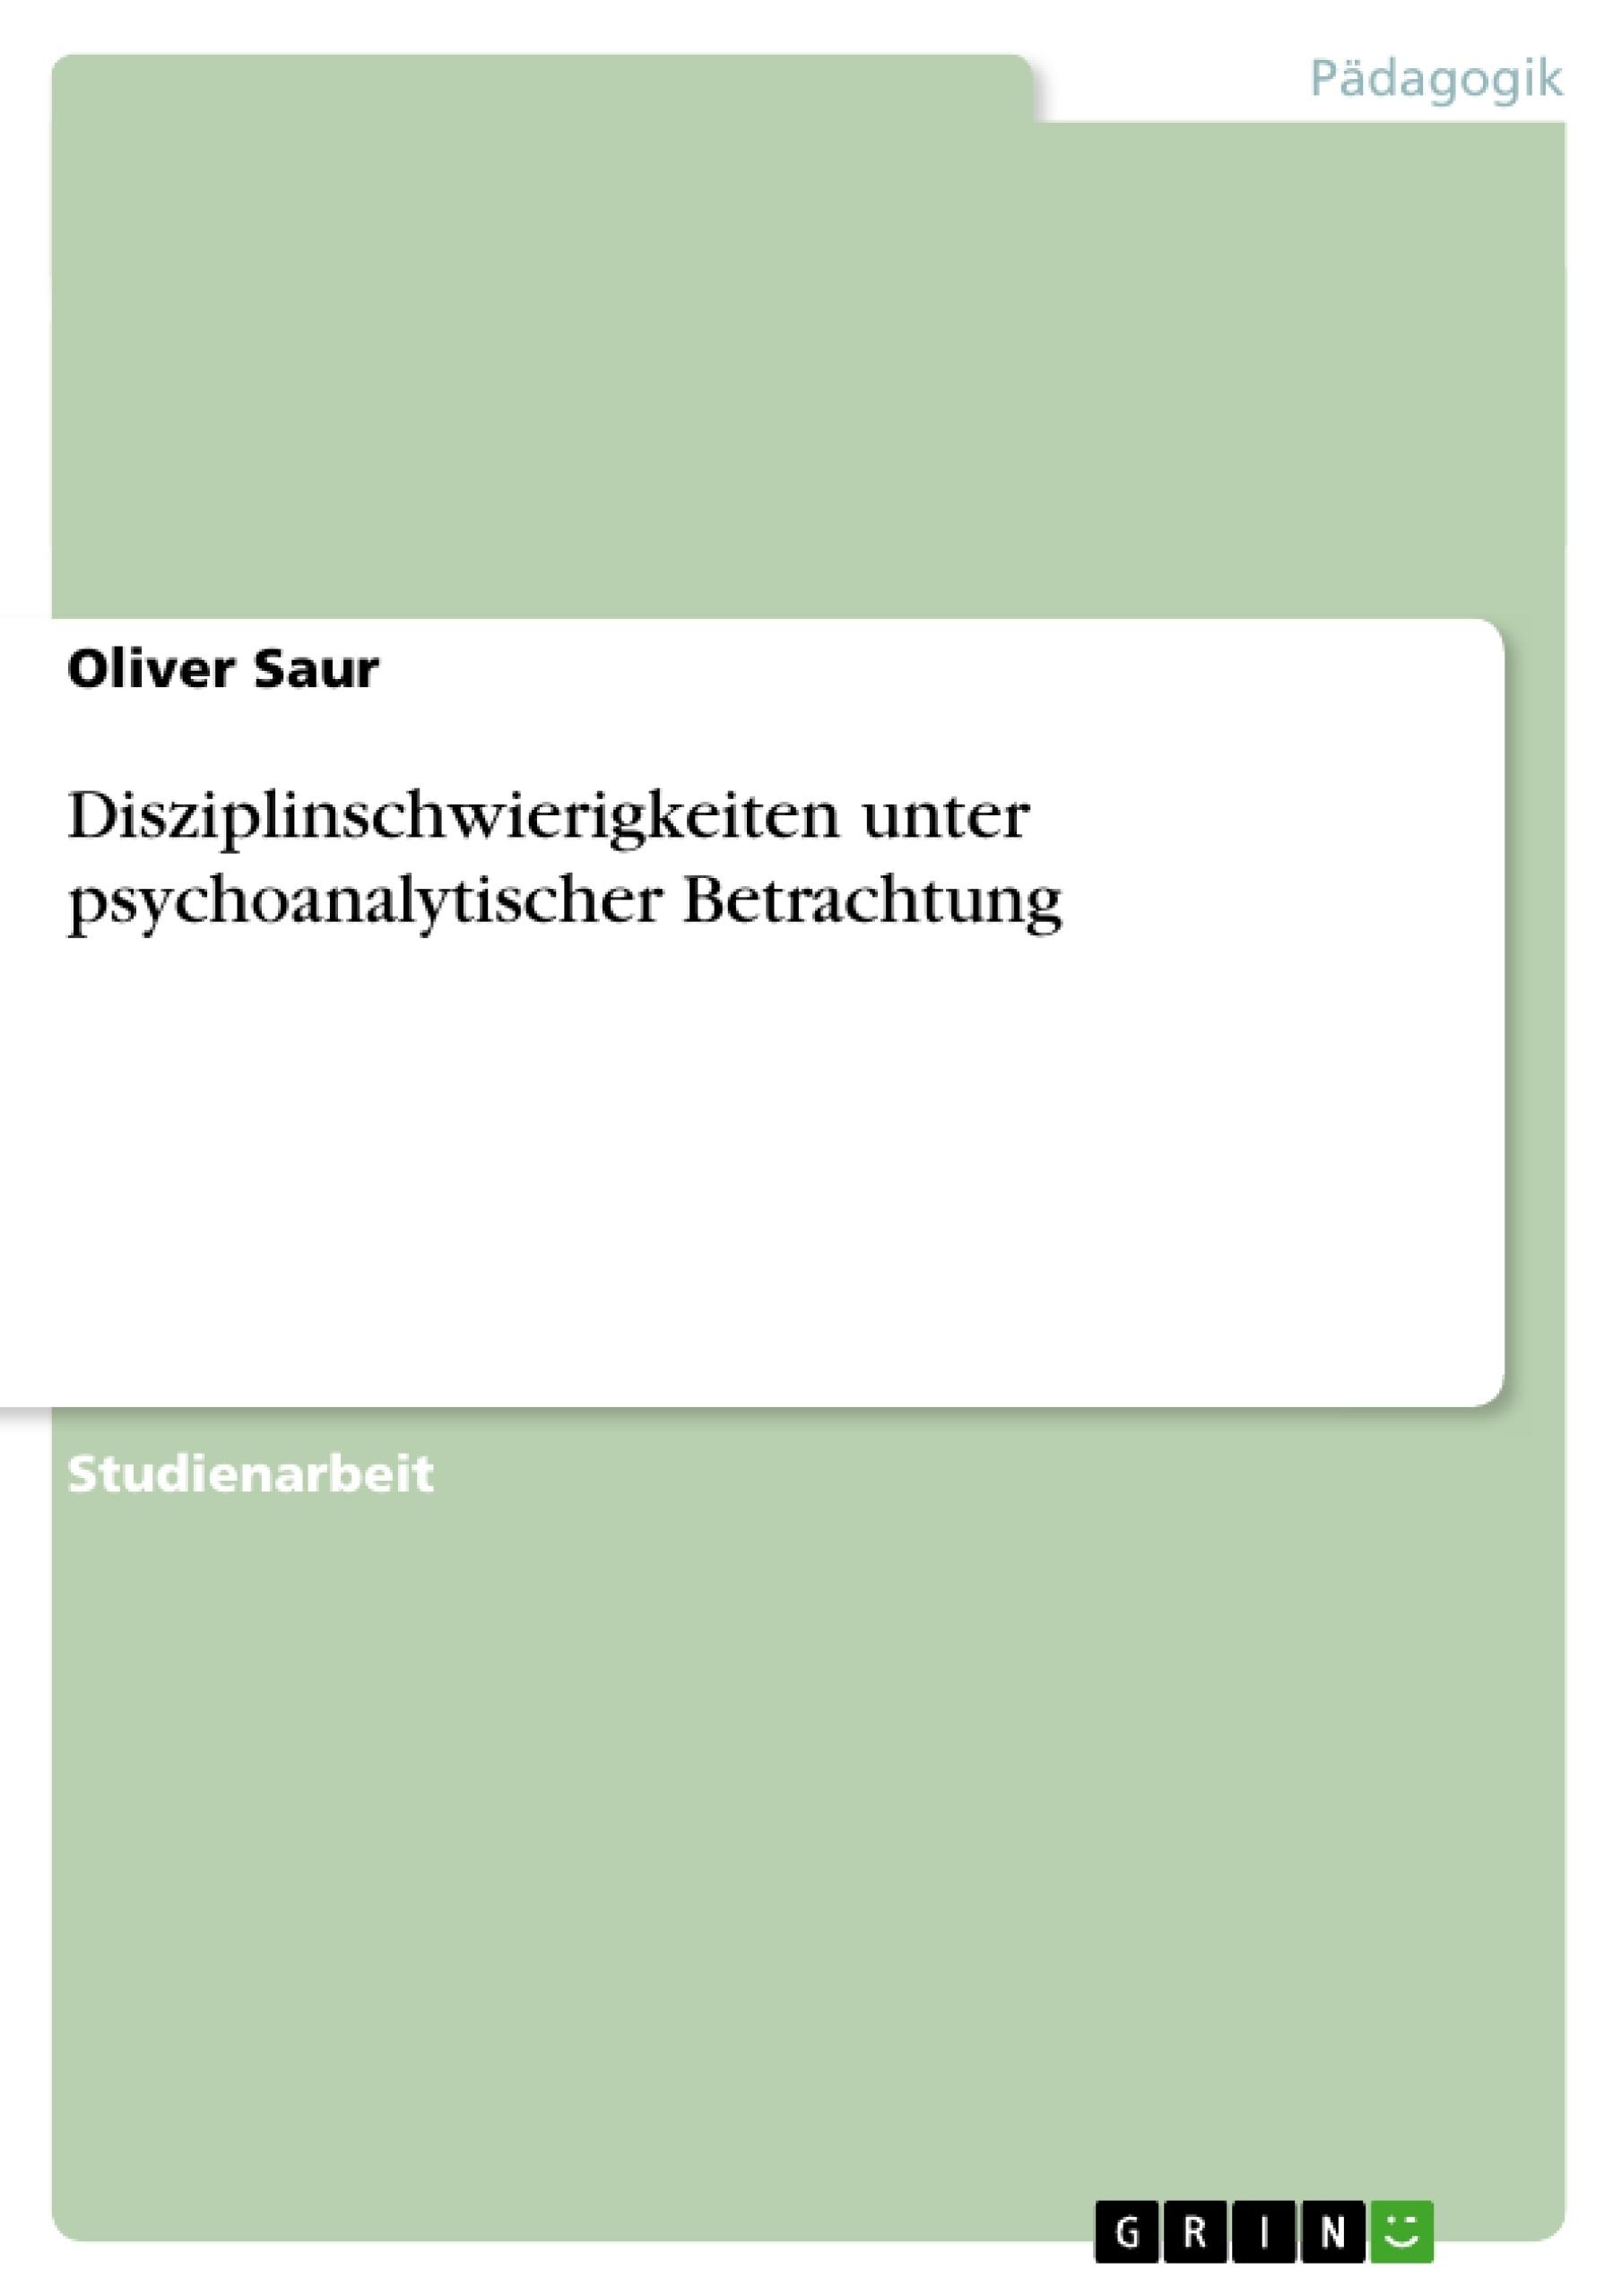 Titel: Disziplinschwierigkeiten unter psychoanalytischer Betrachtung